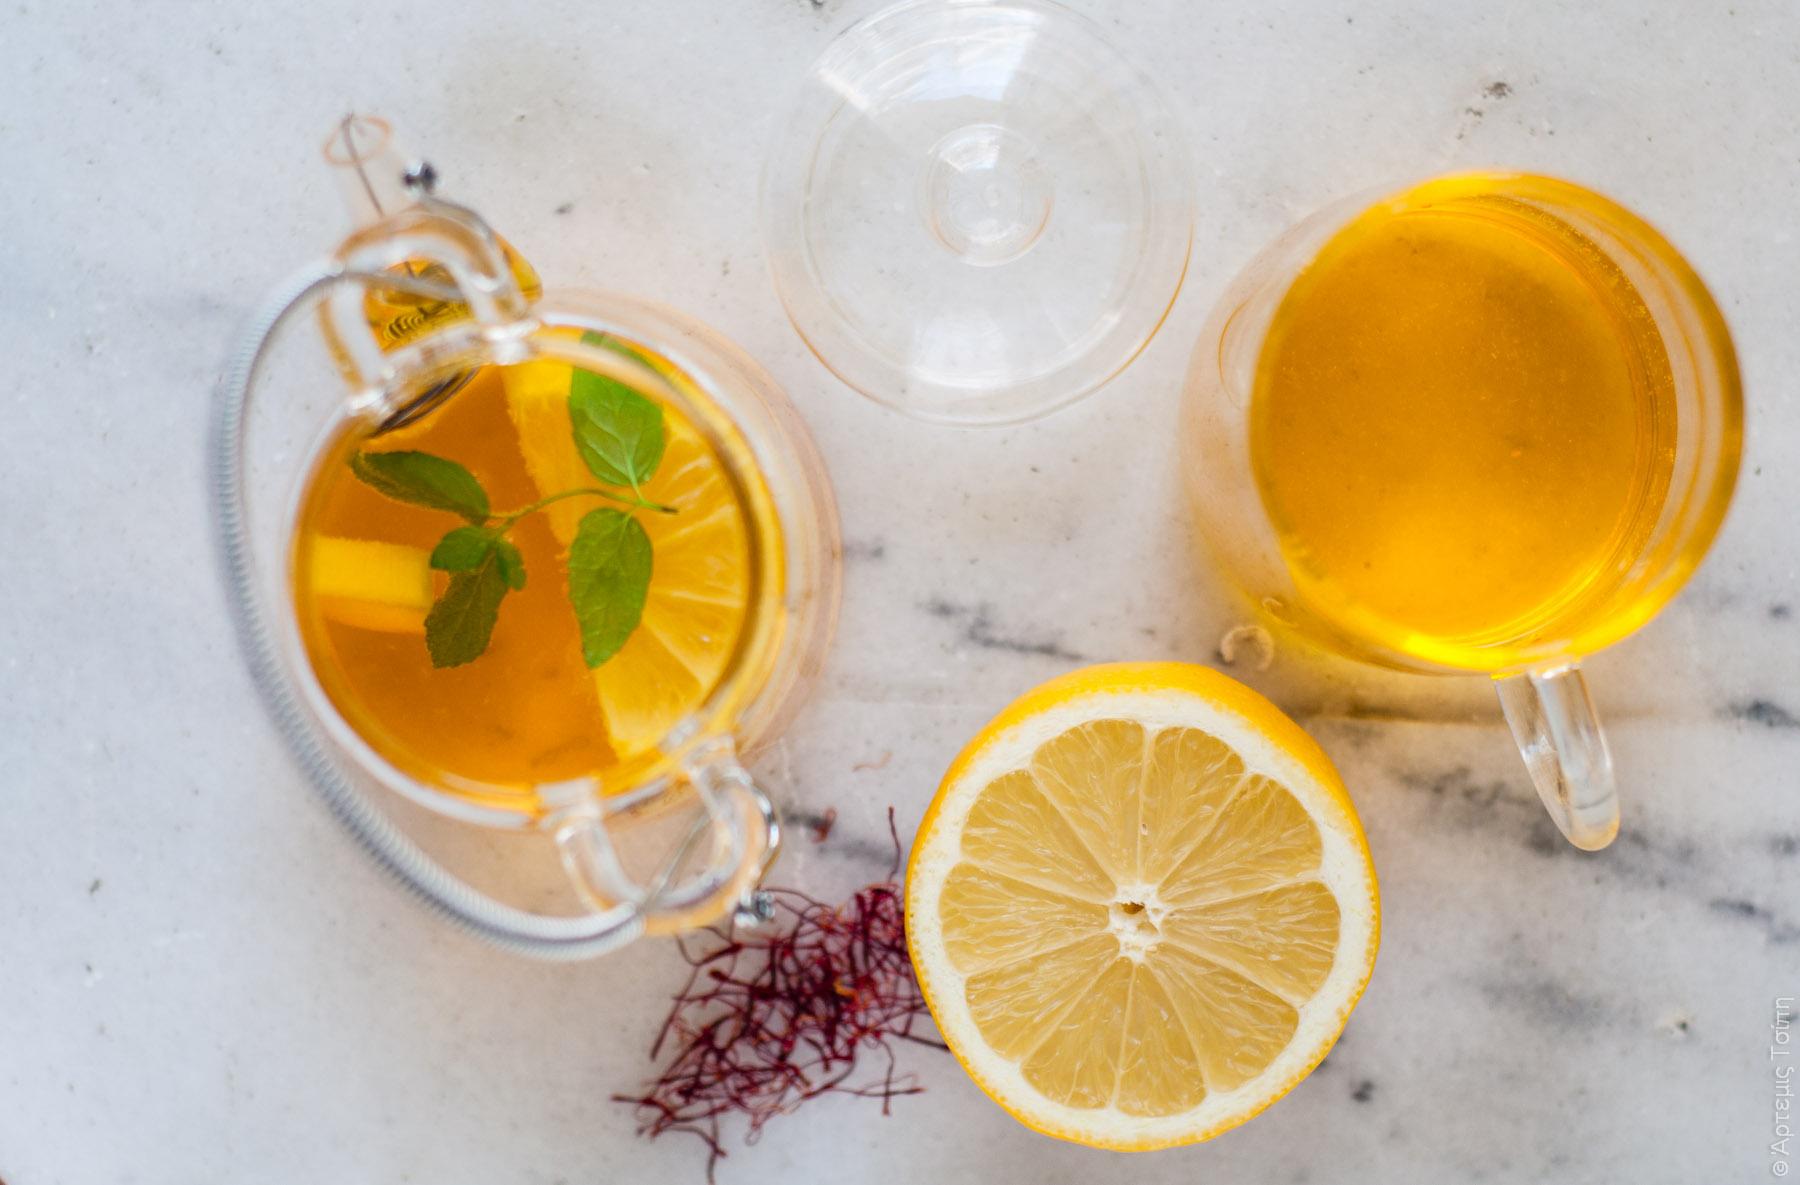 τσάι κρόκος λεμόνι μέλι 2